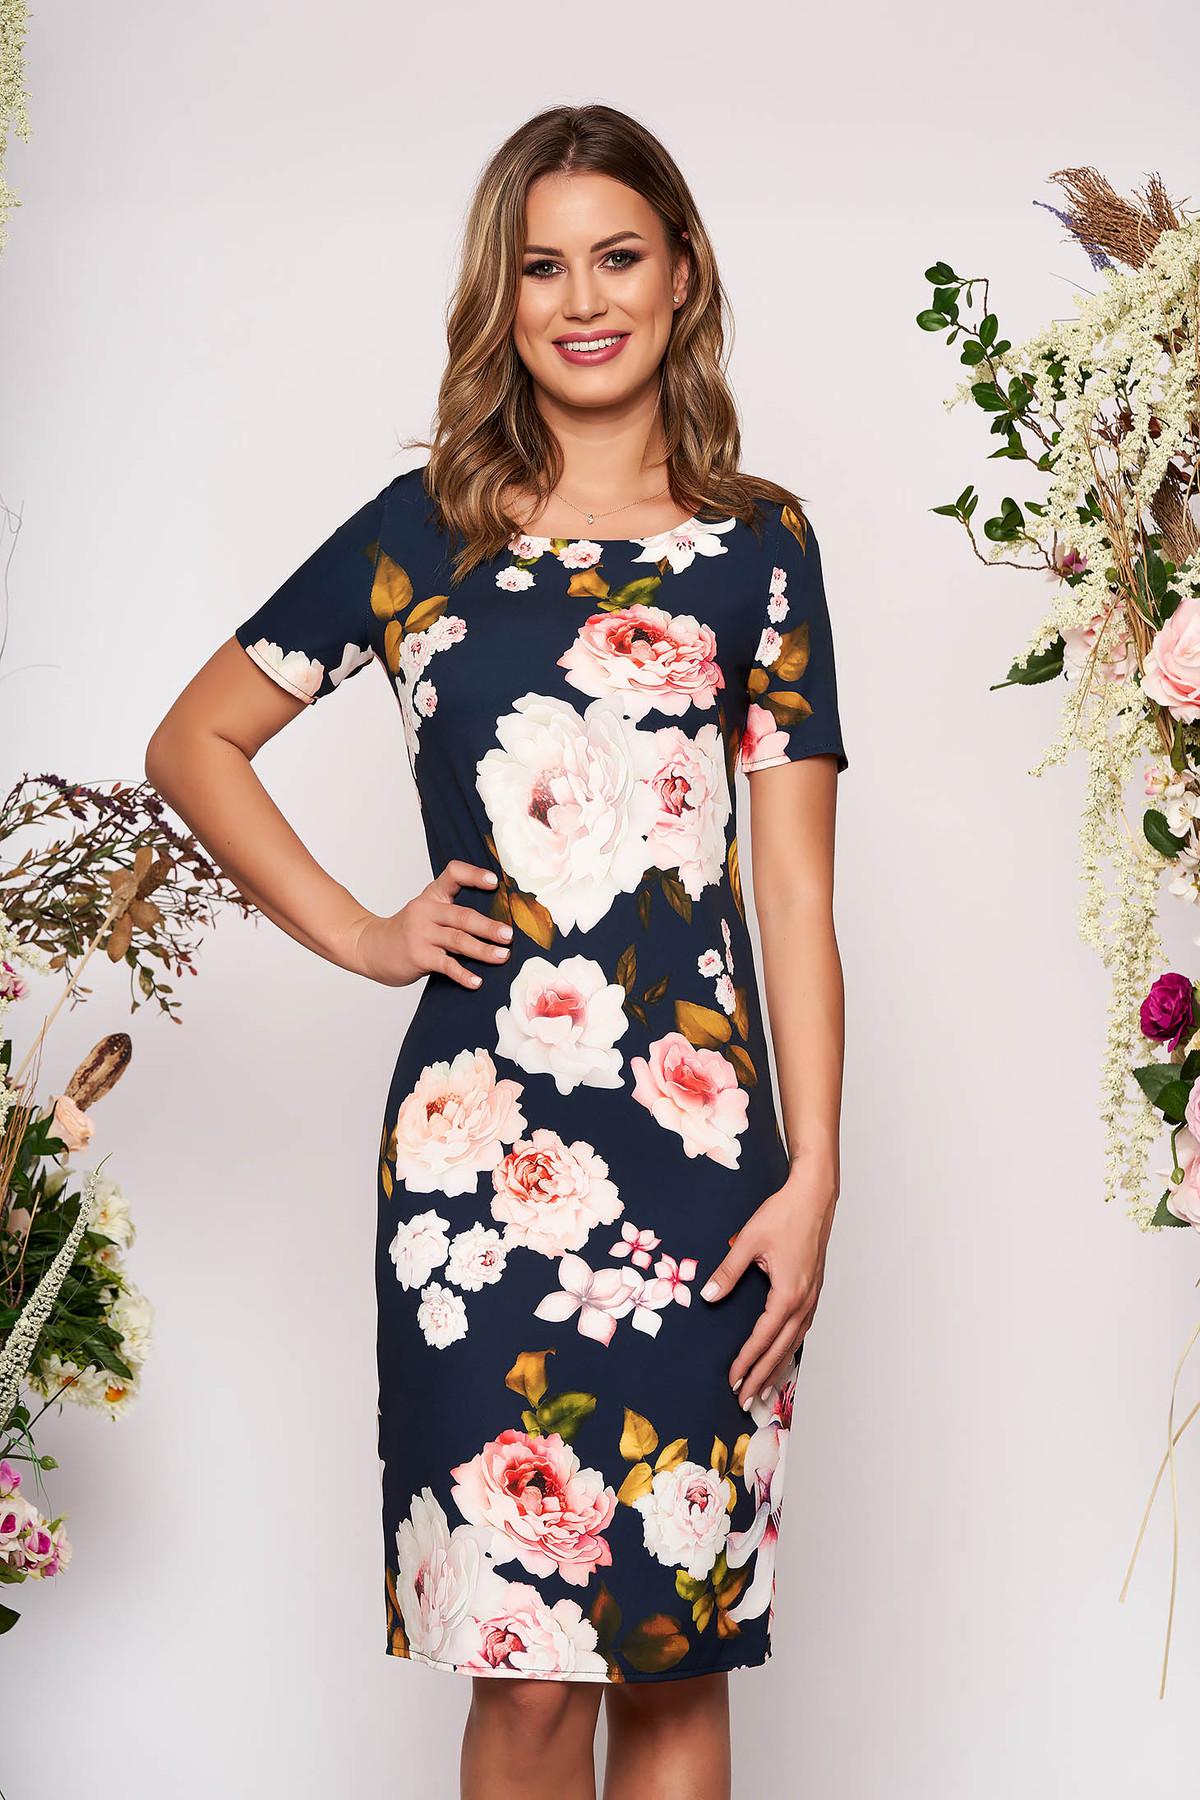 Rochie albastru-inchis scurta cu croi in a cu maneci scurte decolteu la baza gatului cu imprimeu floral